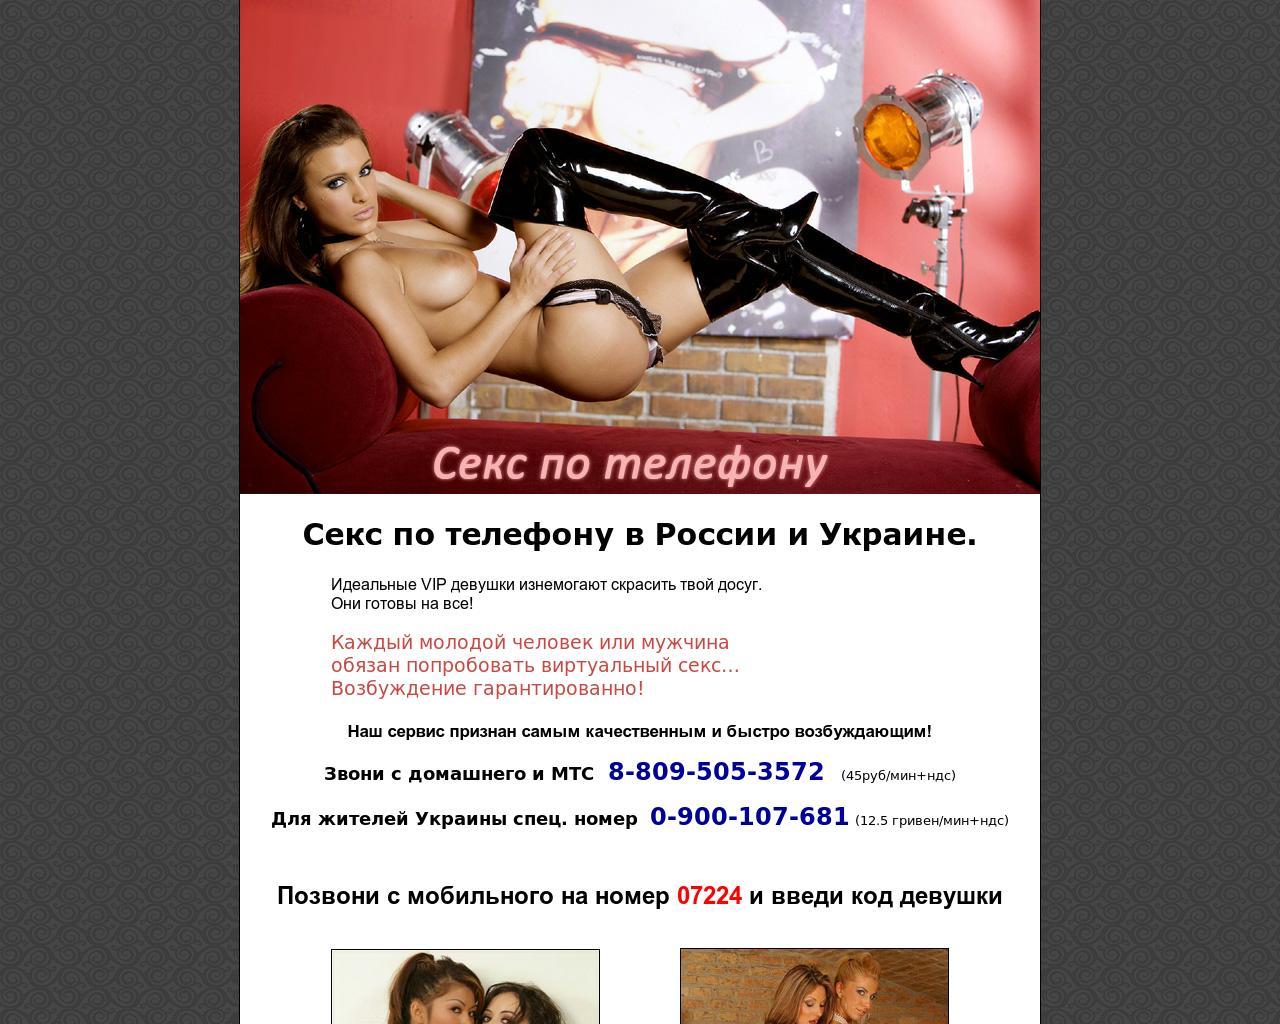 Секс по телефону по украине 14 фотография